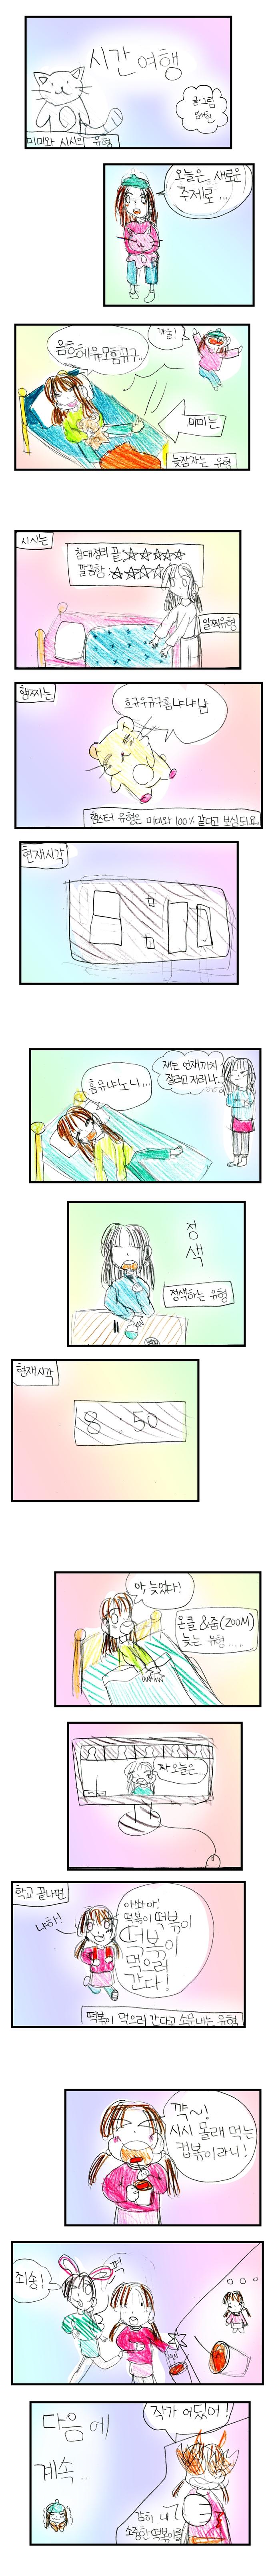 21_n_11임서현_0401_02.jpg